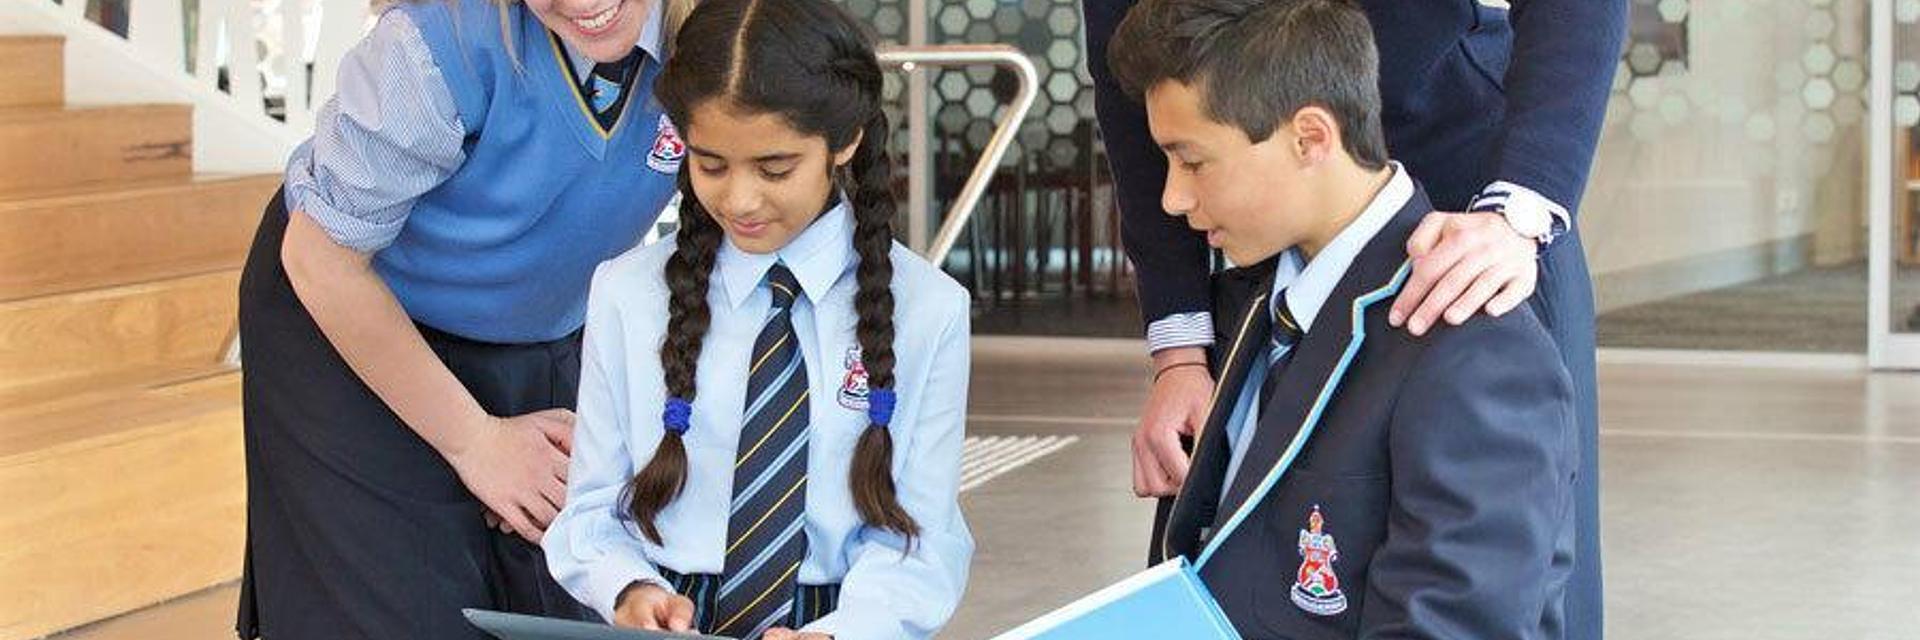 Canberra Grammar School  banner image